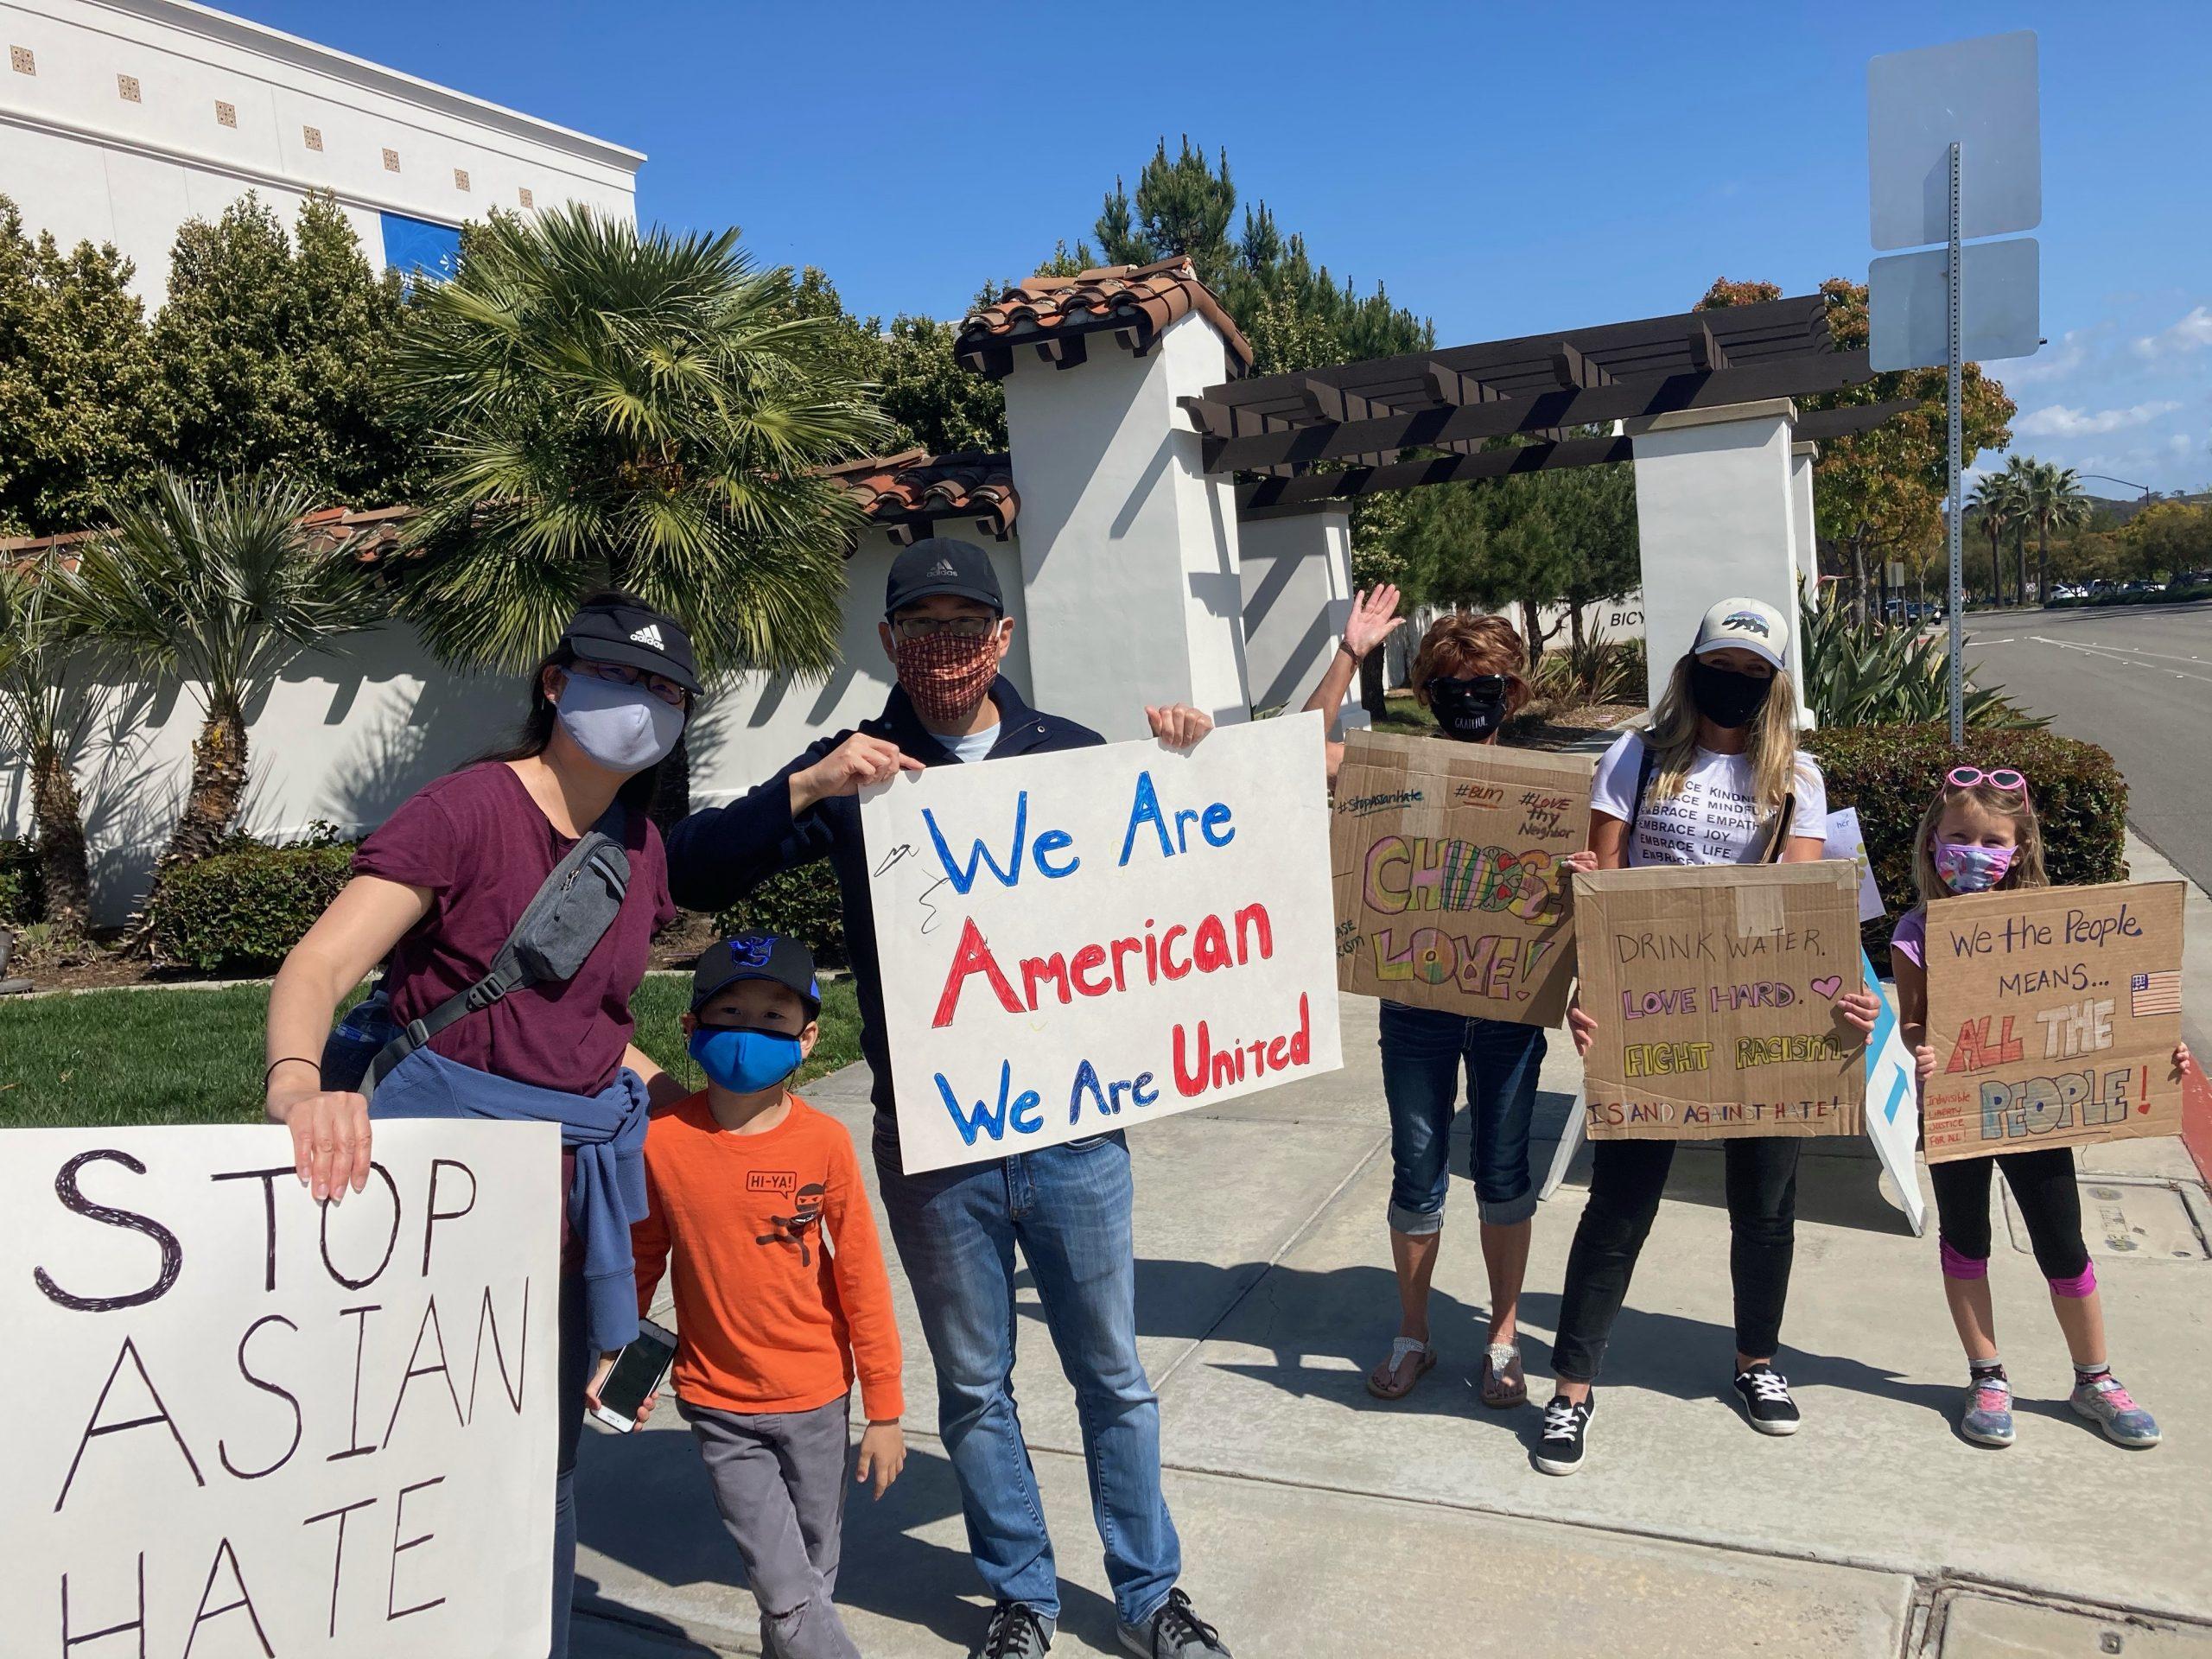 Các nhà lãnh đạo doanh nghiệp người Mỹ gốc Á tài trợ cho nỗ lực chống kỳ thị chủng tộc